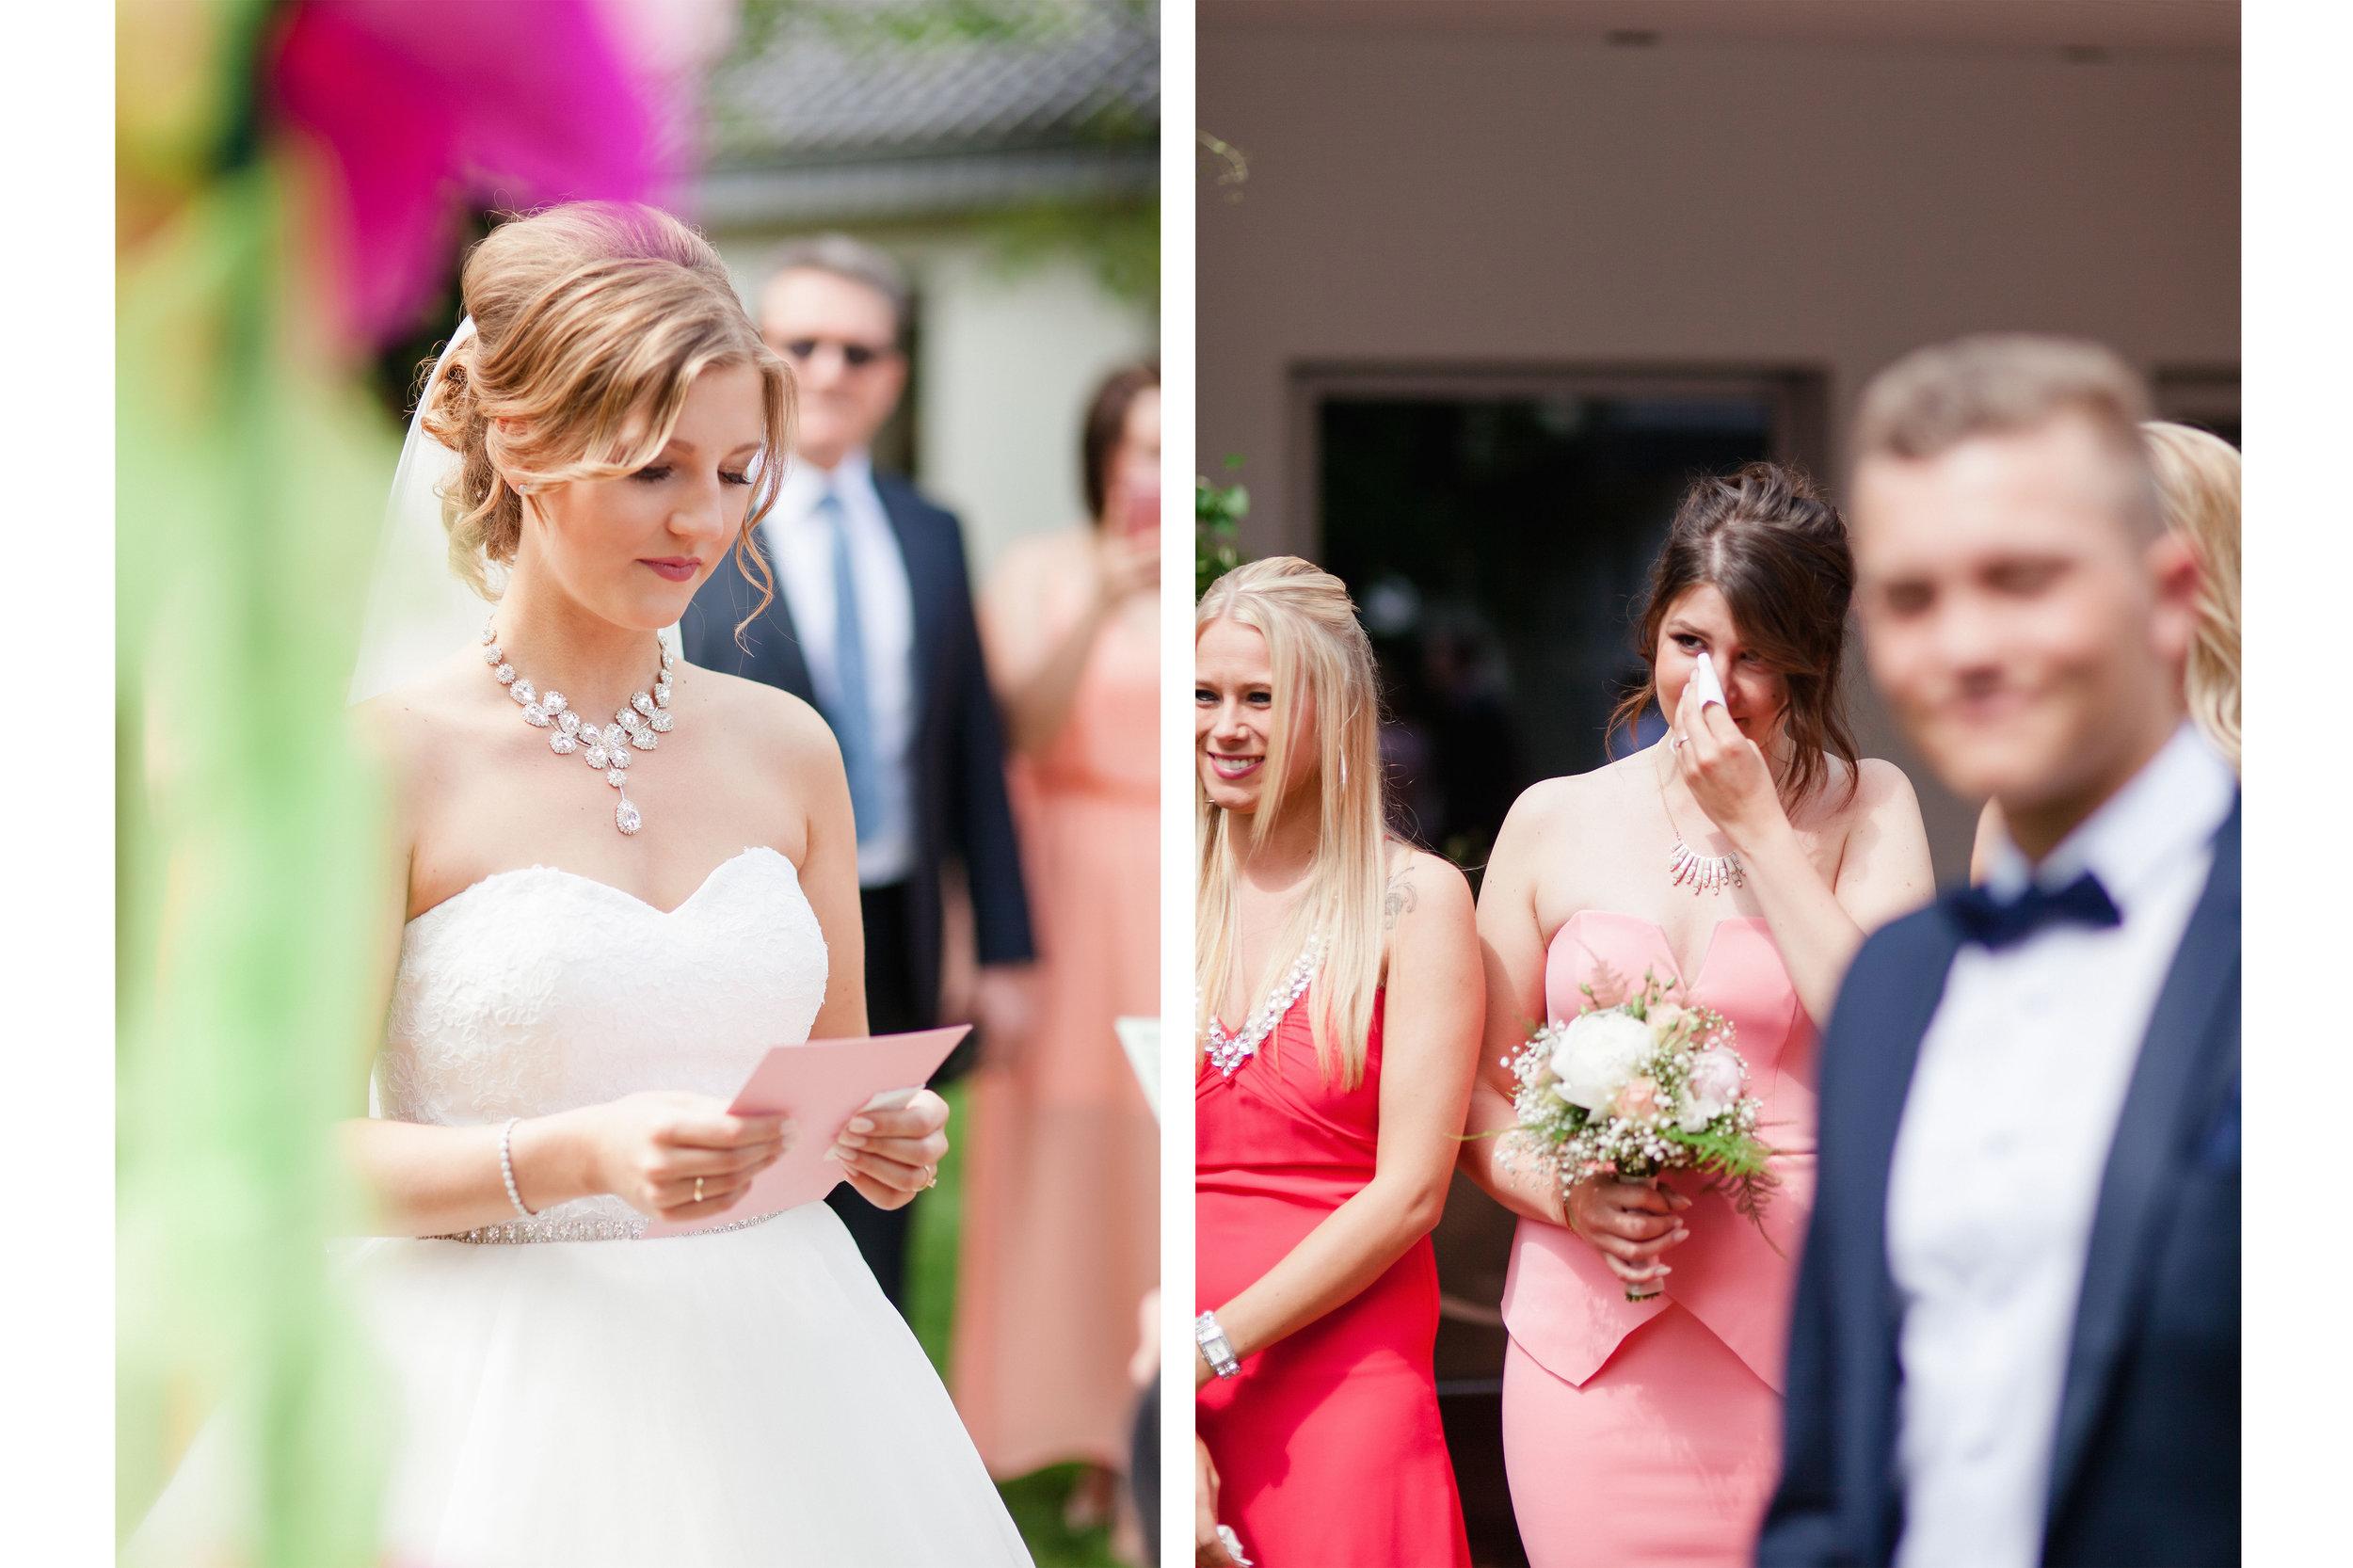 Hochzeit-051 Kopie.jpg